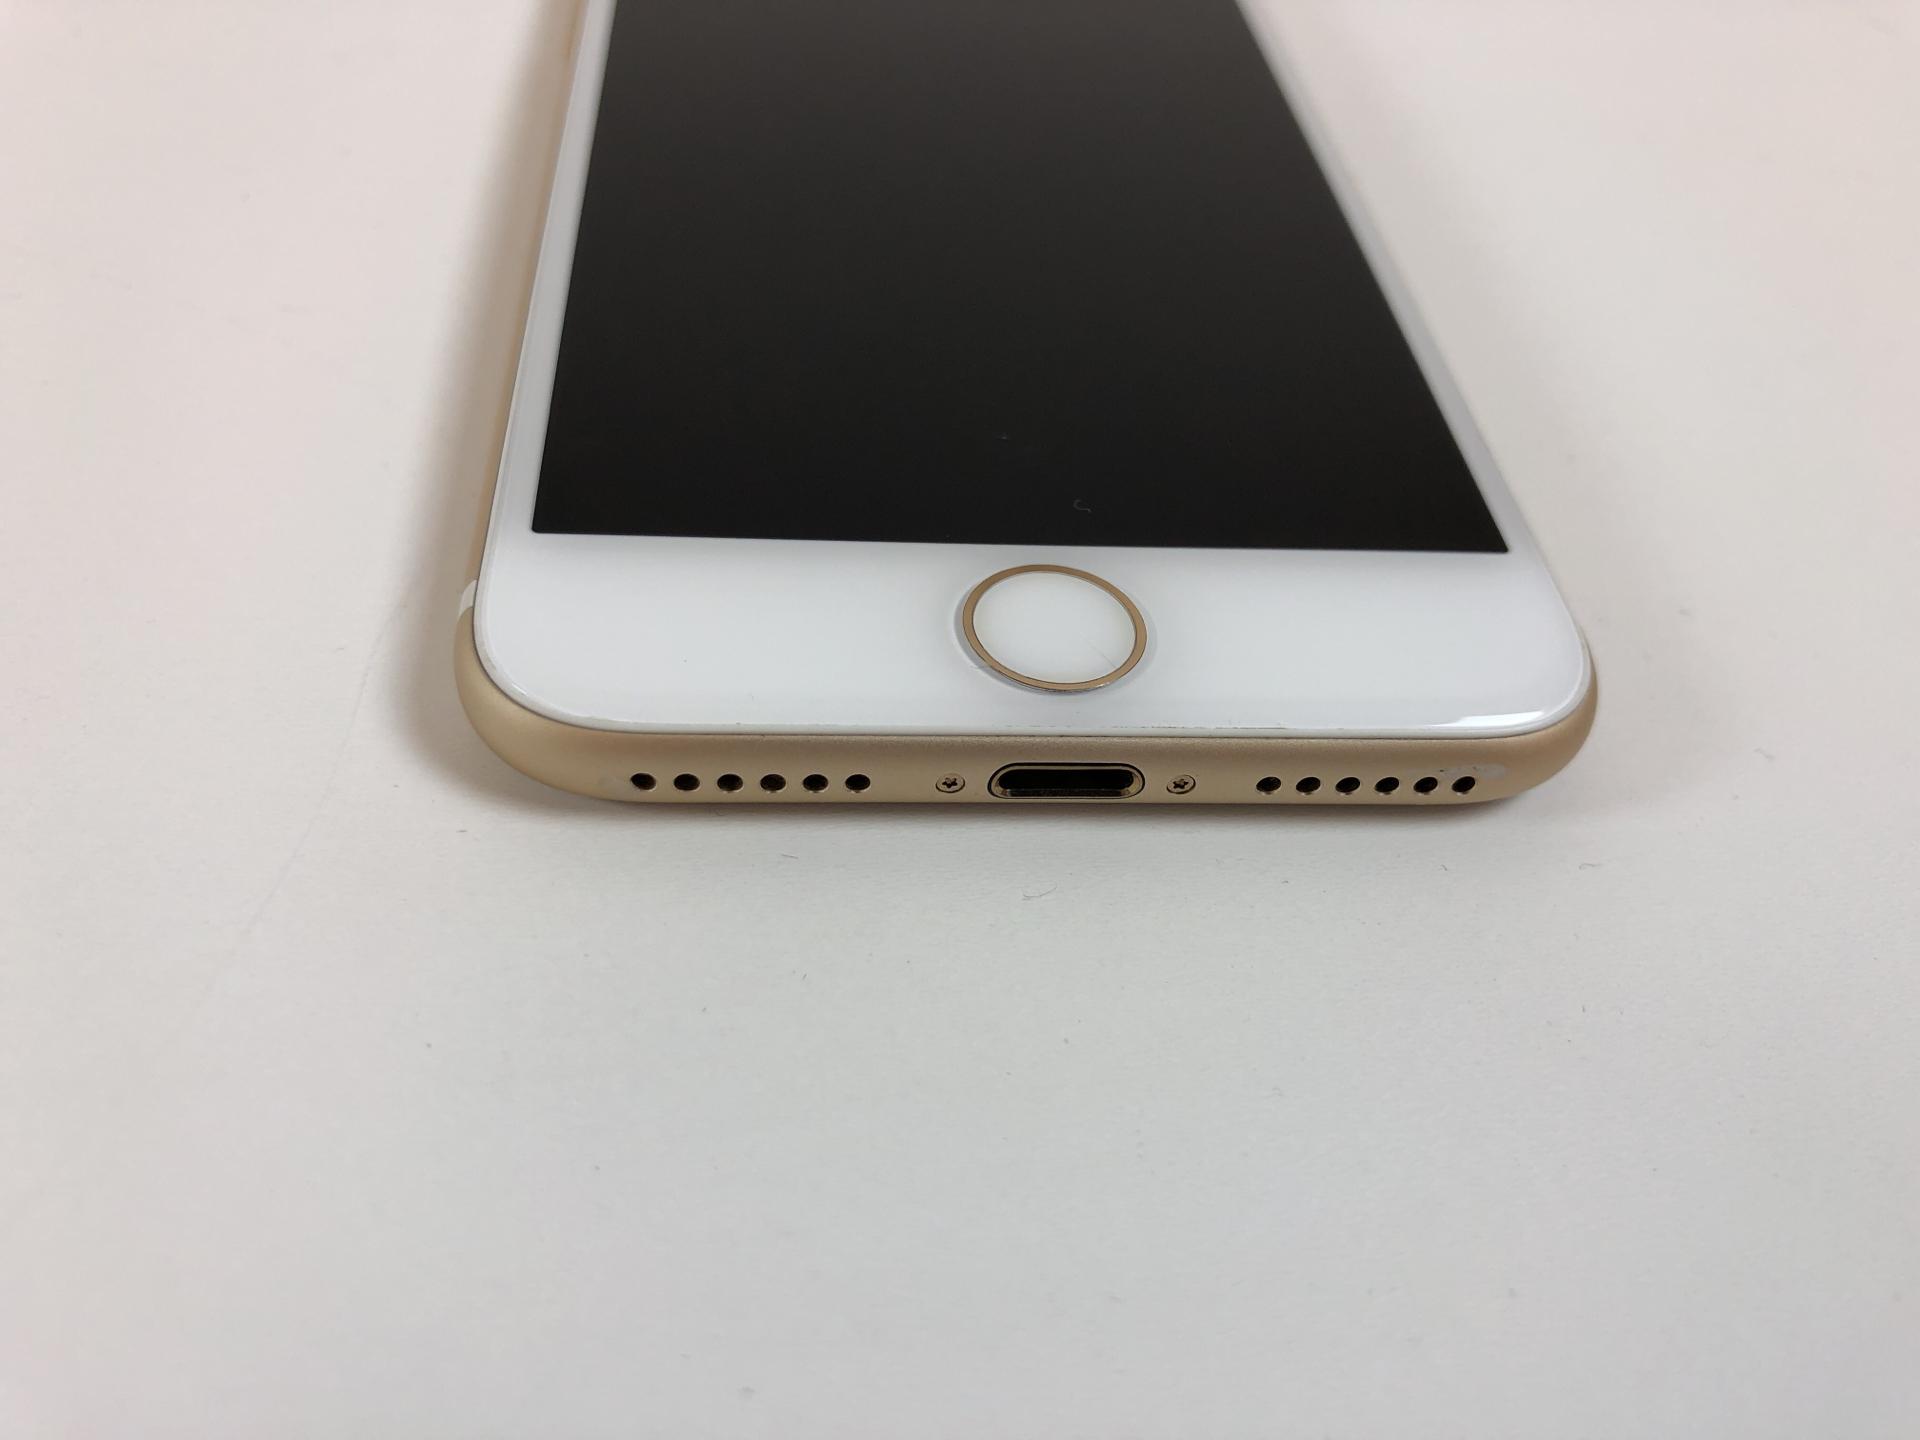 iPhone 7 32GB, 32GB, Gold, bild 5